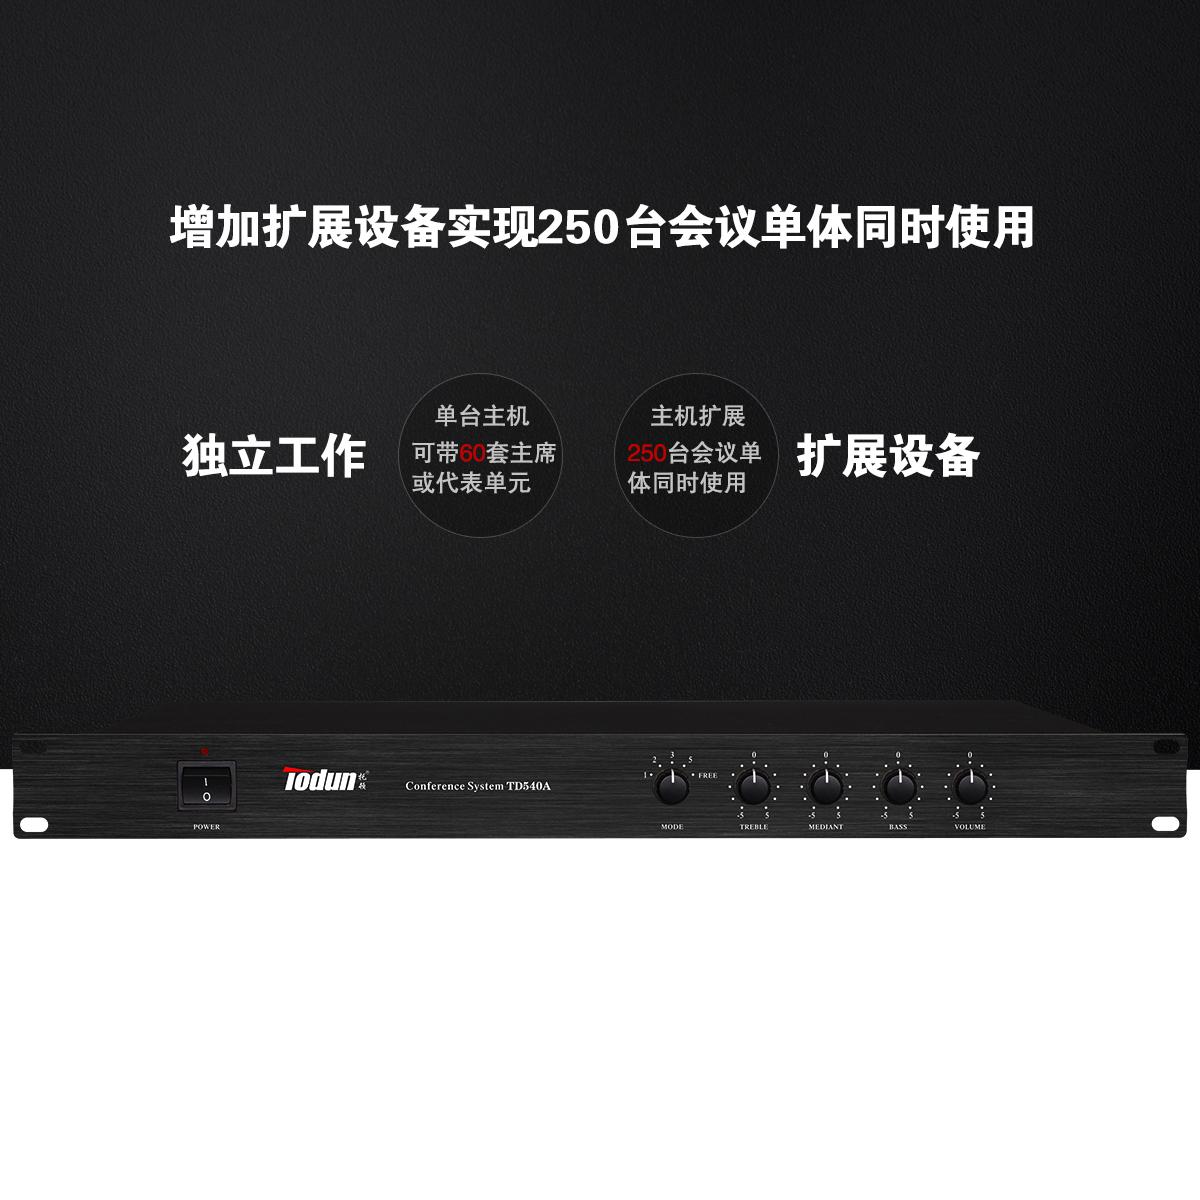 讨论视频功能便携会议系统 托顿TD540A 移动式便捷的会议系统